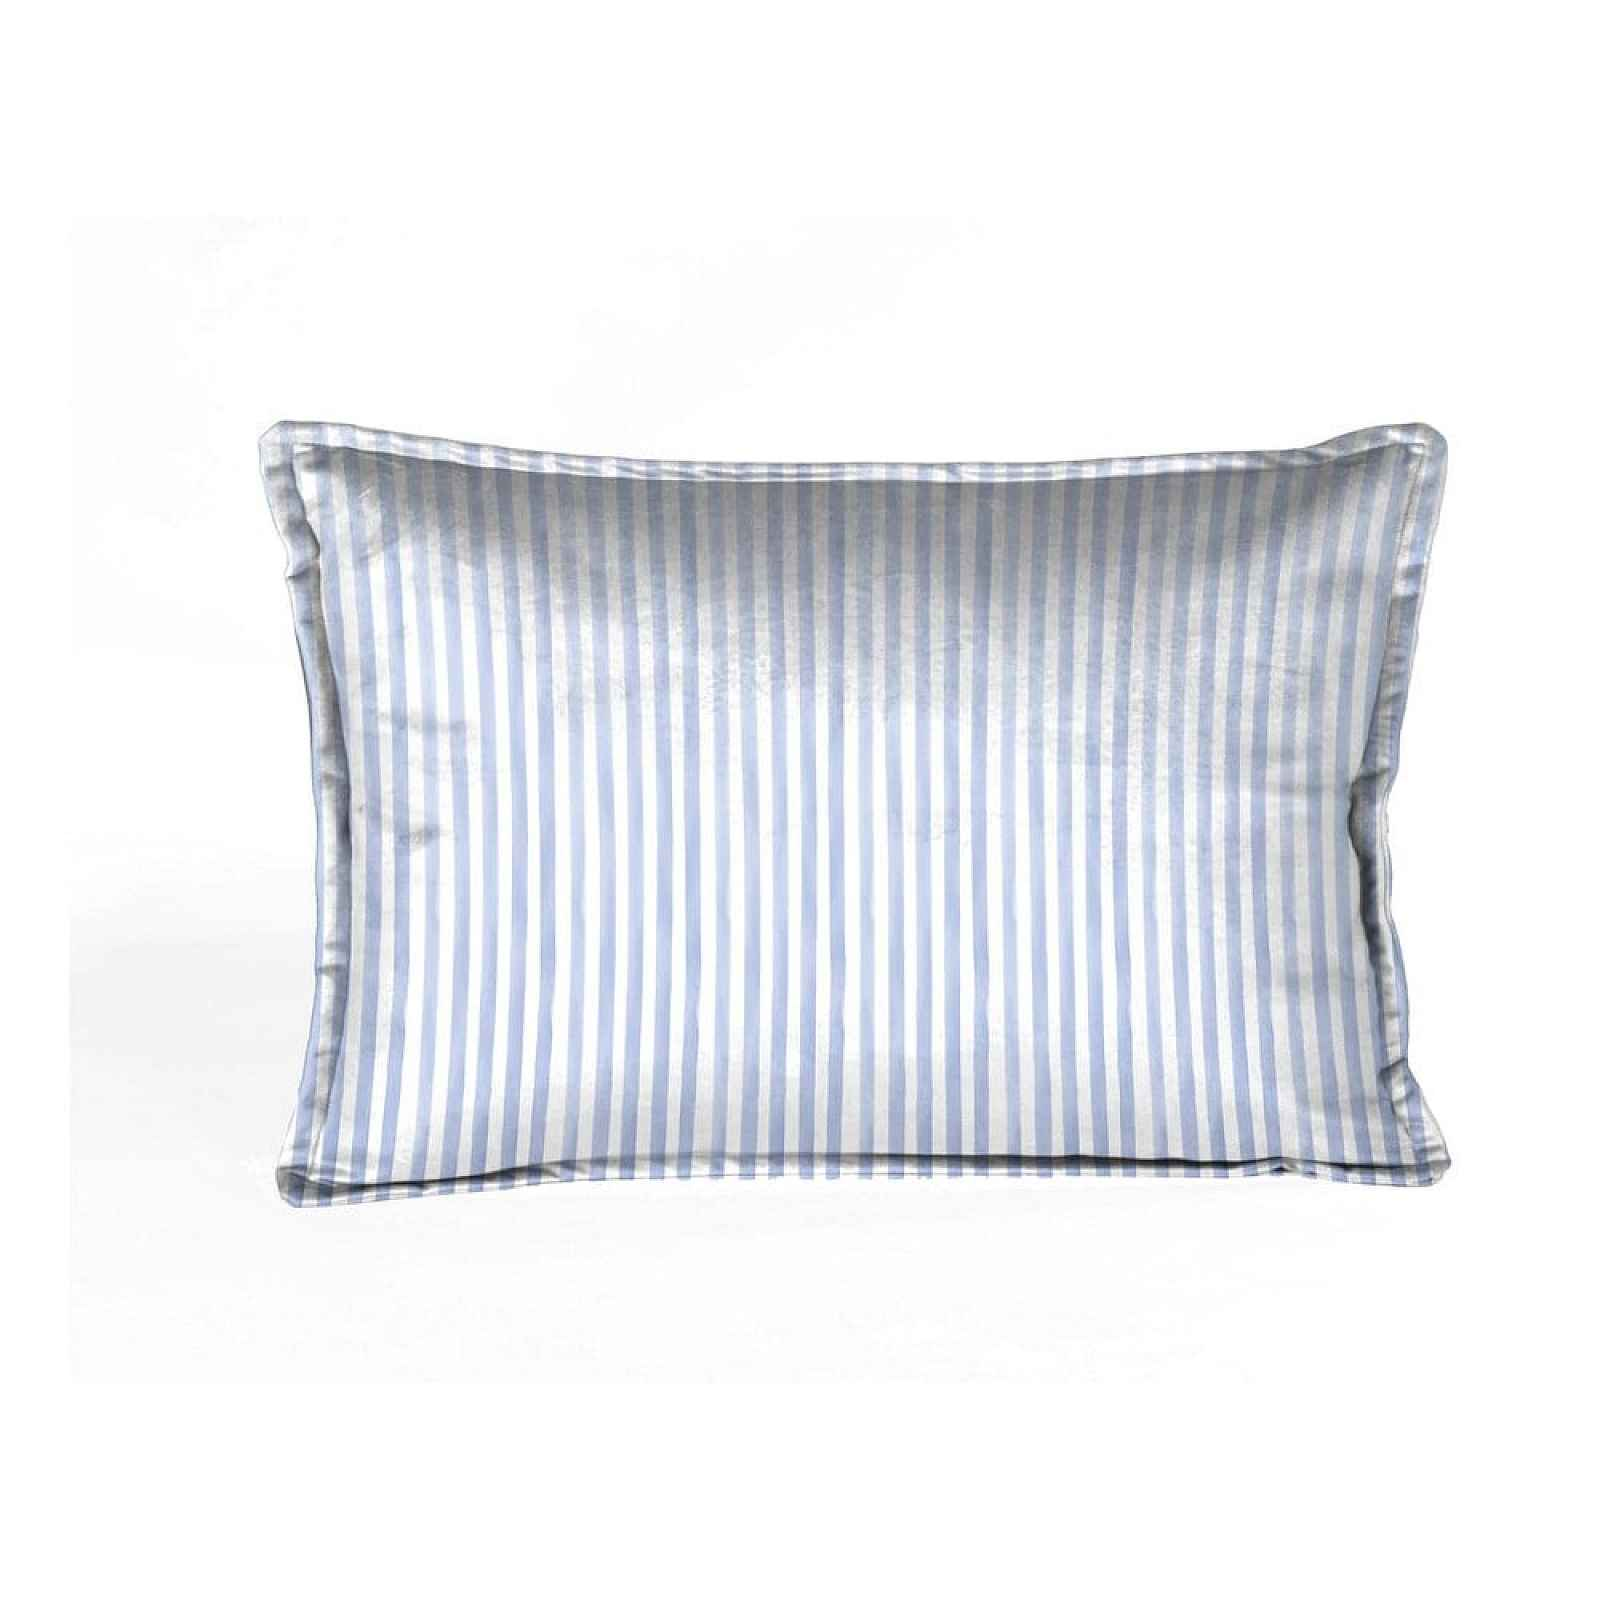 Bílý sametový polštář s modrými pruhy Velvet Atelier Pajamas,50x35cm